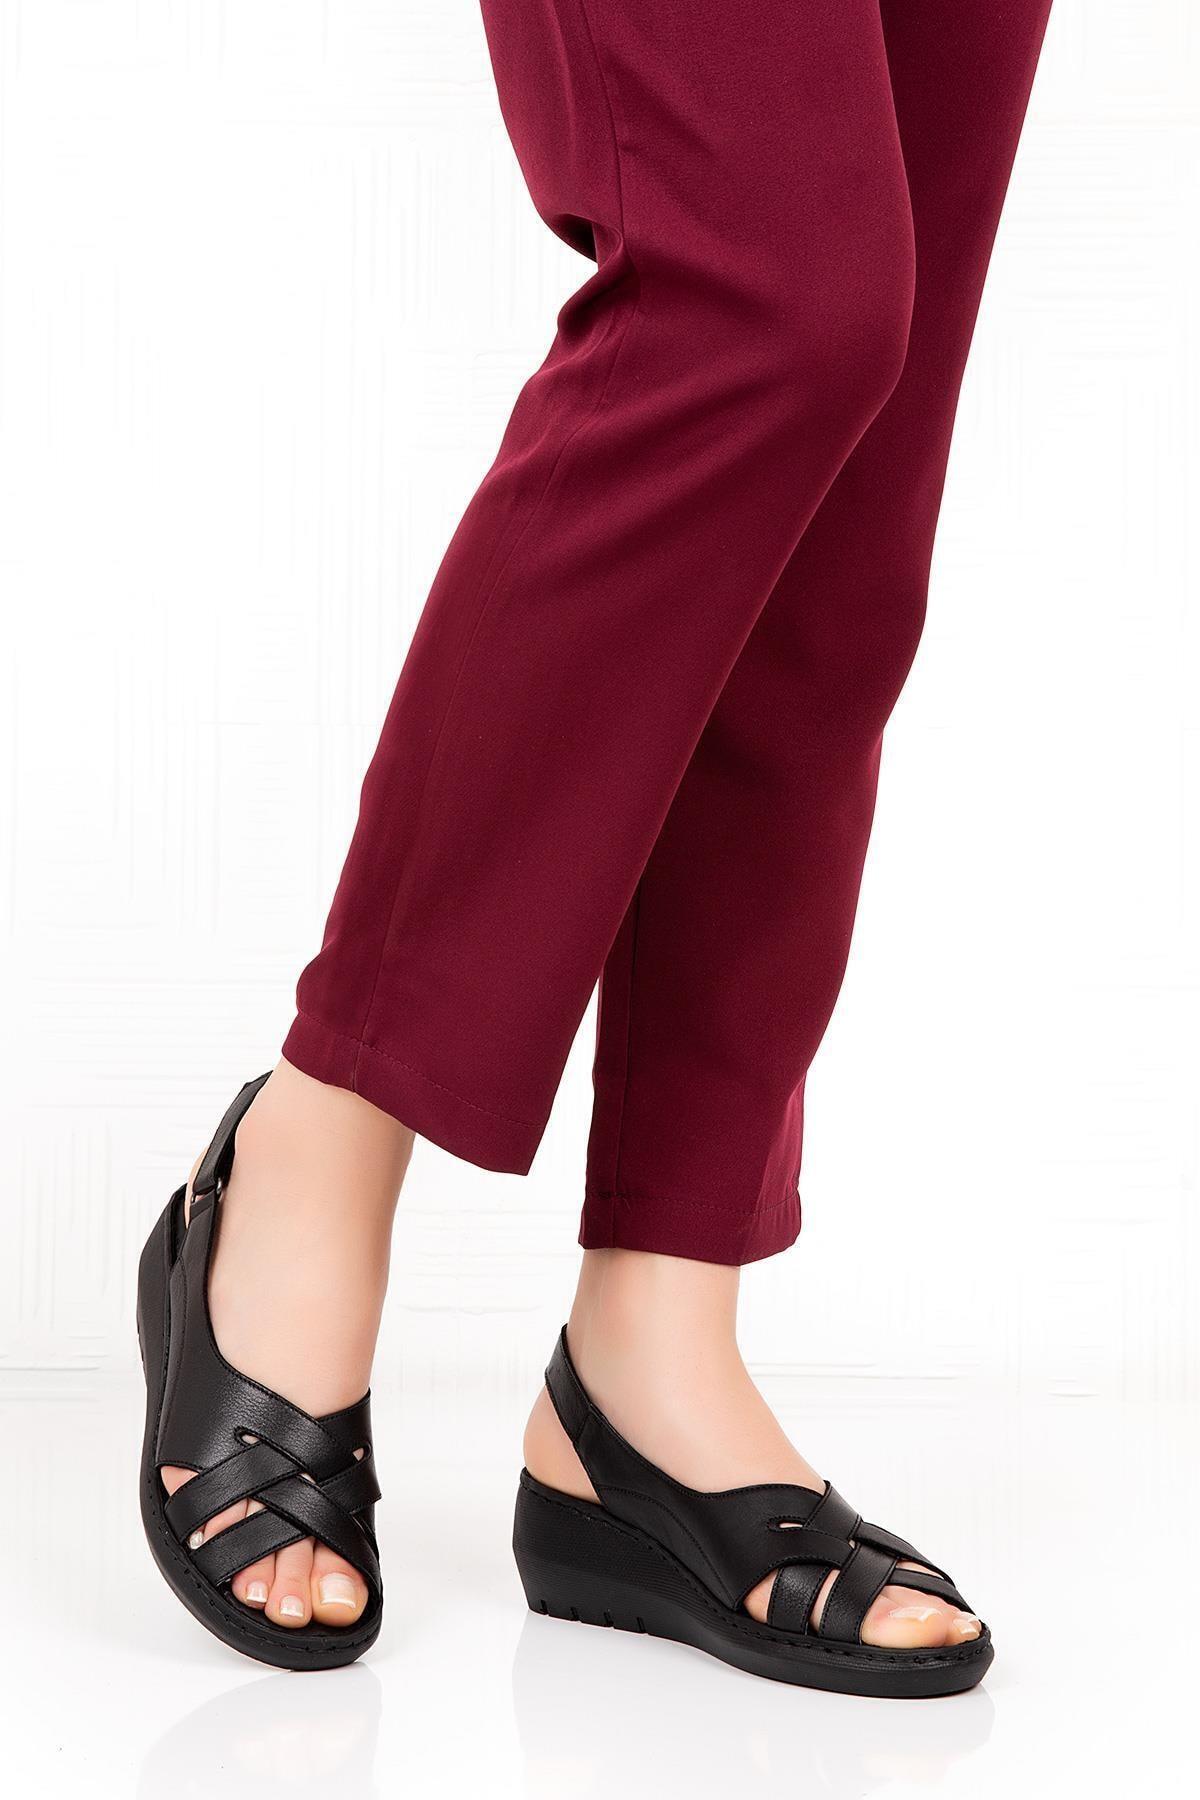 Bellacomfort Shoes Kadın  Siyah Hakiki Deri Dolgu Topuk  Sandalet 2